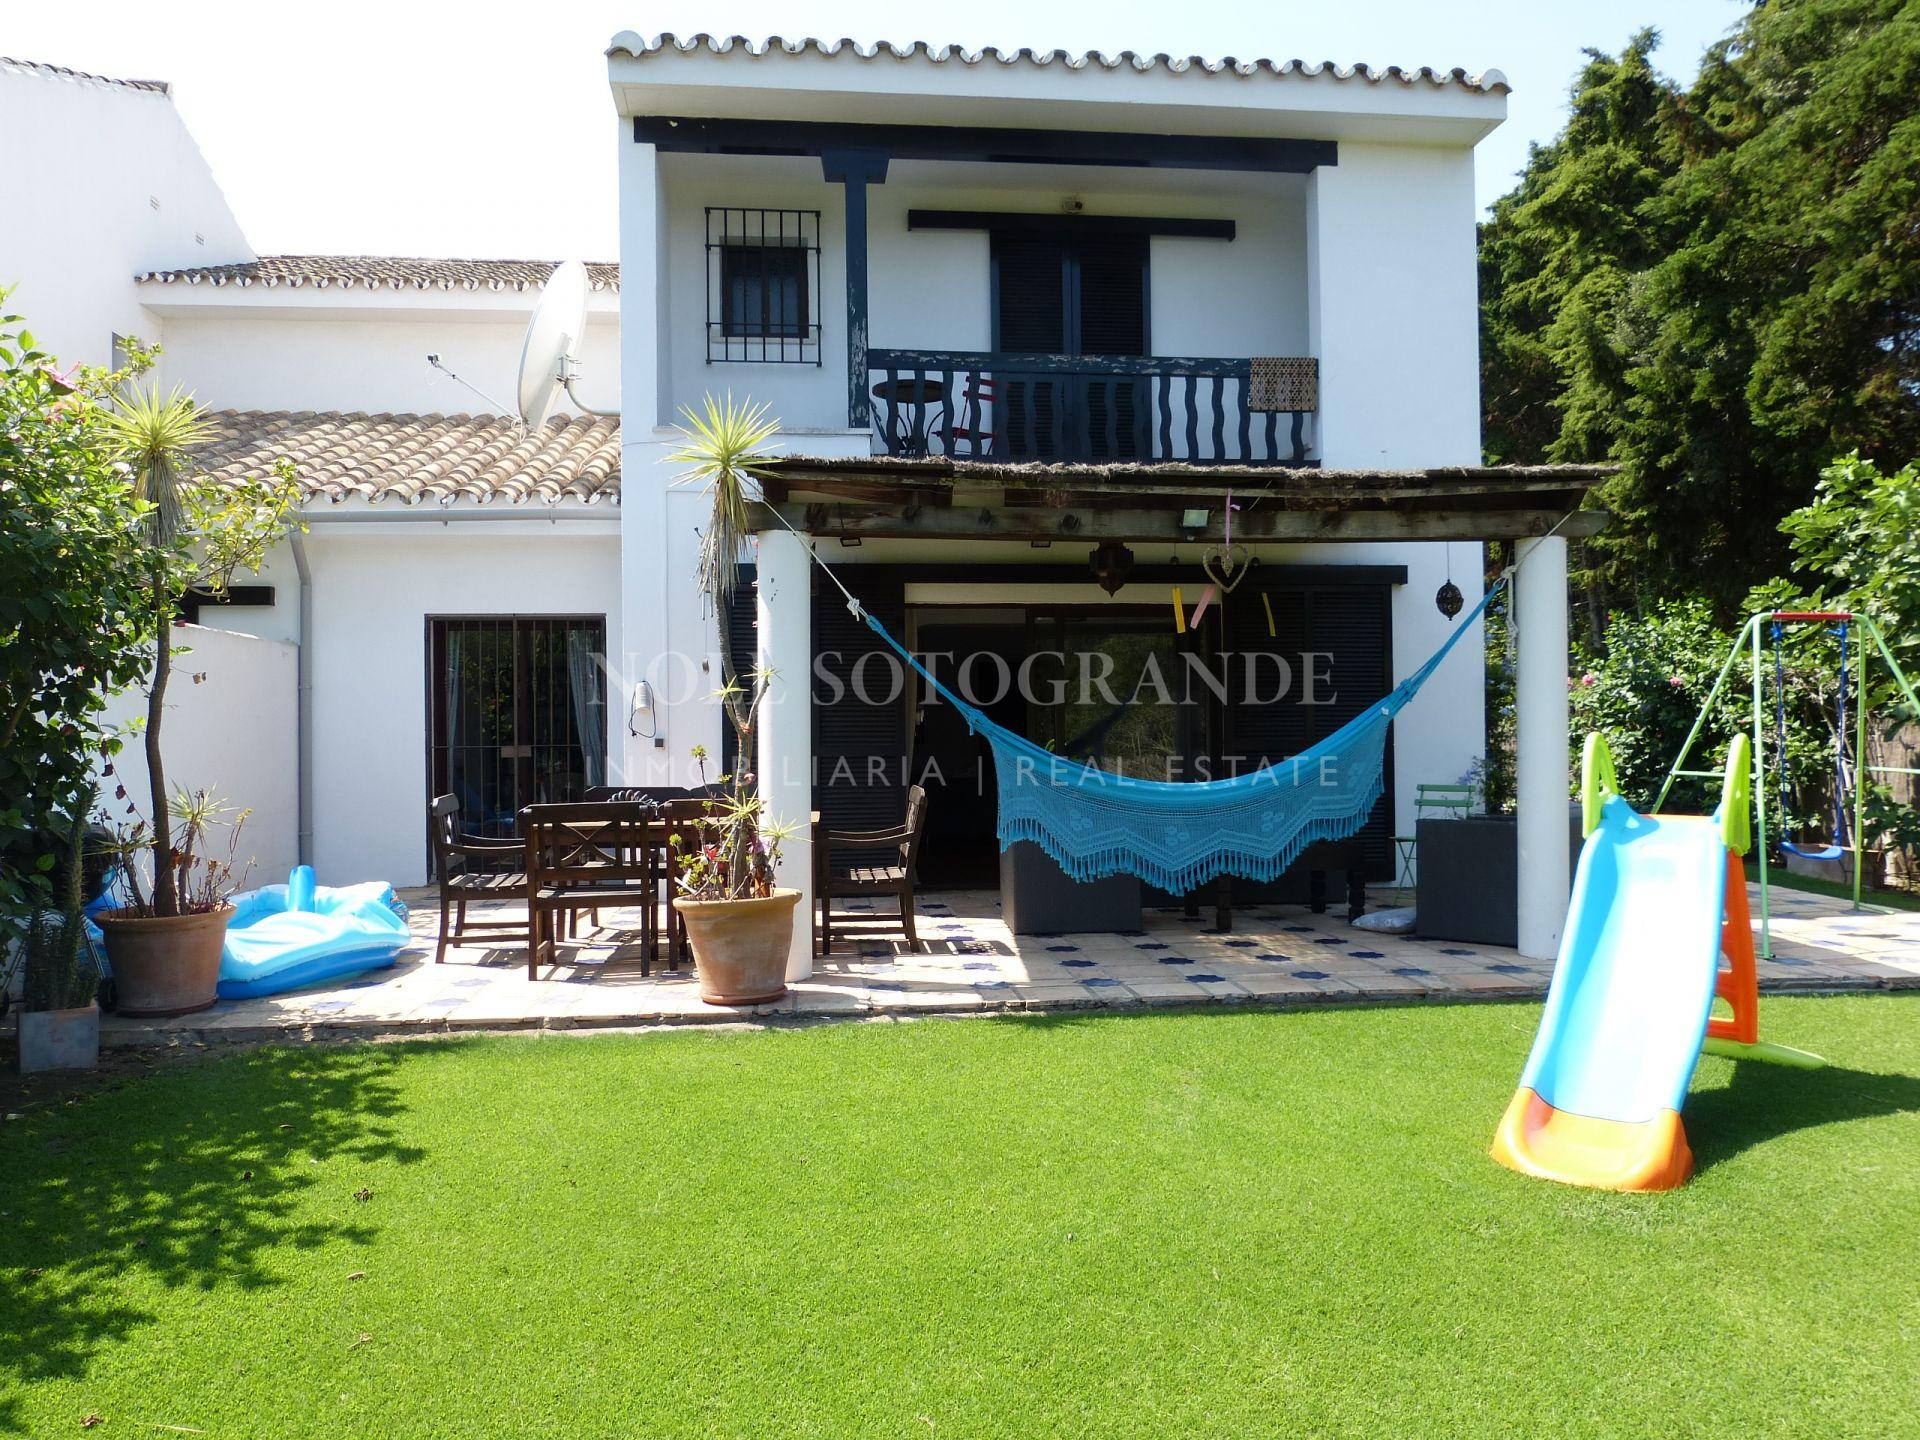 Sotogrande, La Loma adosado en venta con jardín privado.